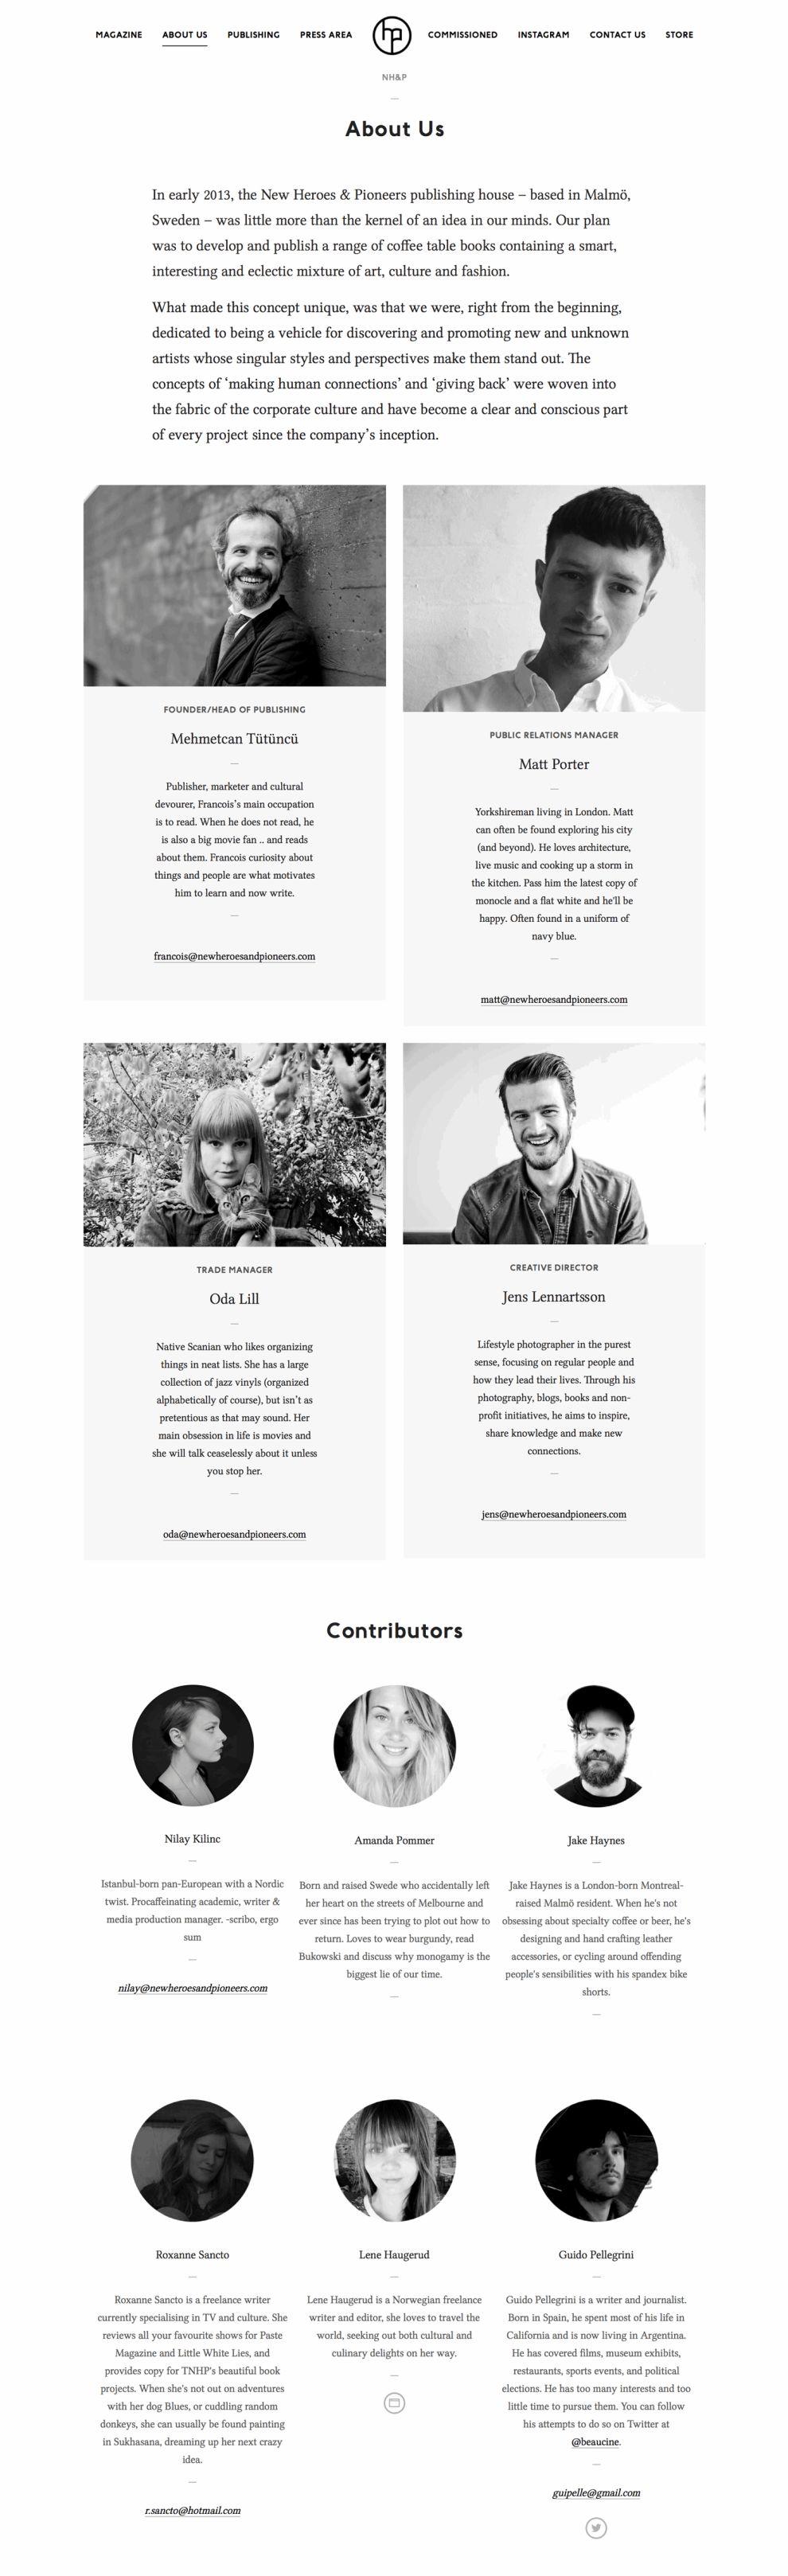 New Heroes & Pioneers Best Web Design